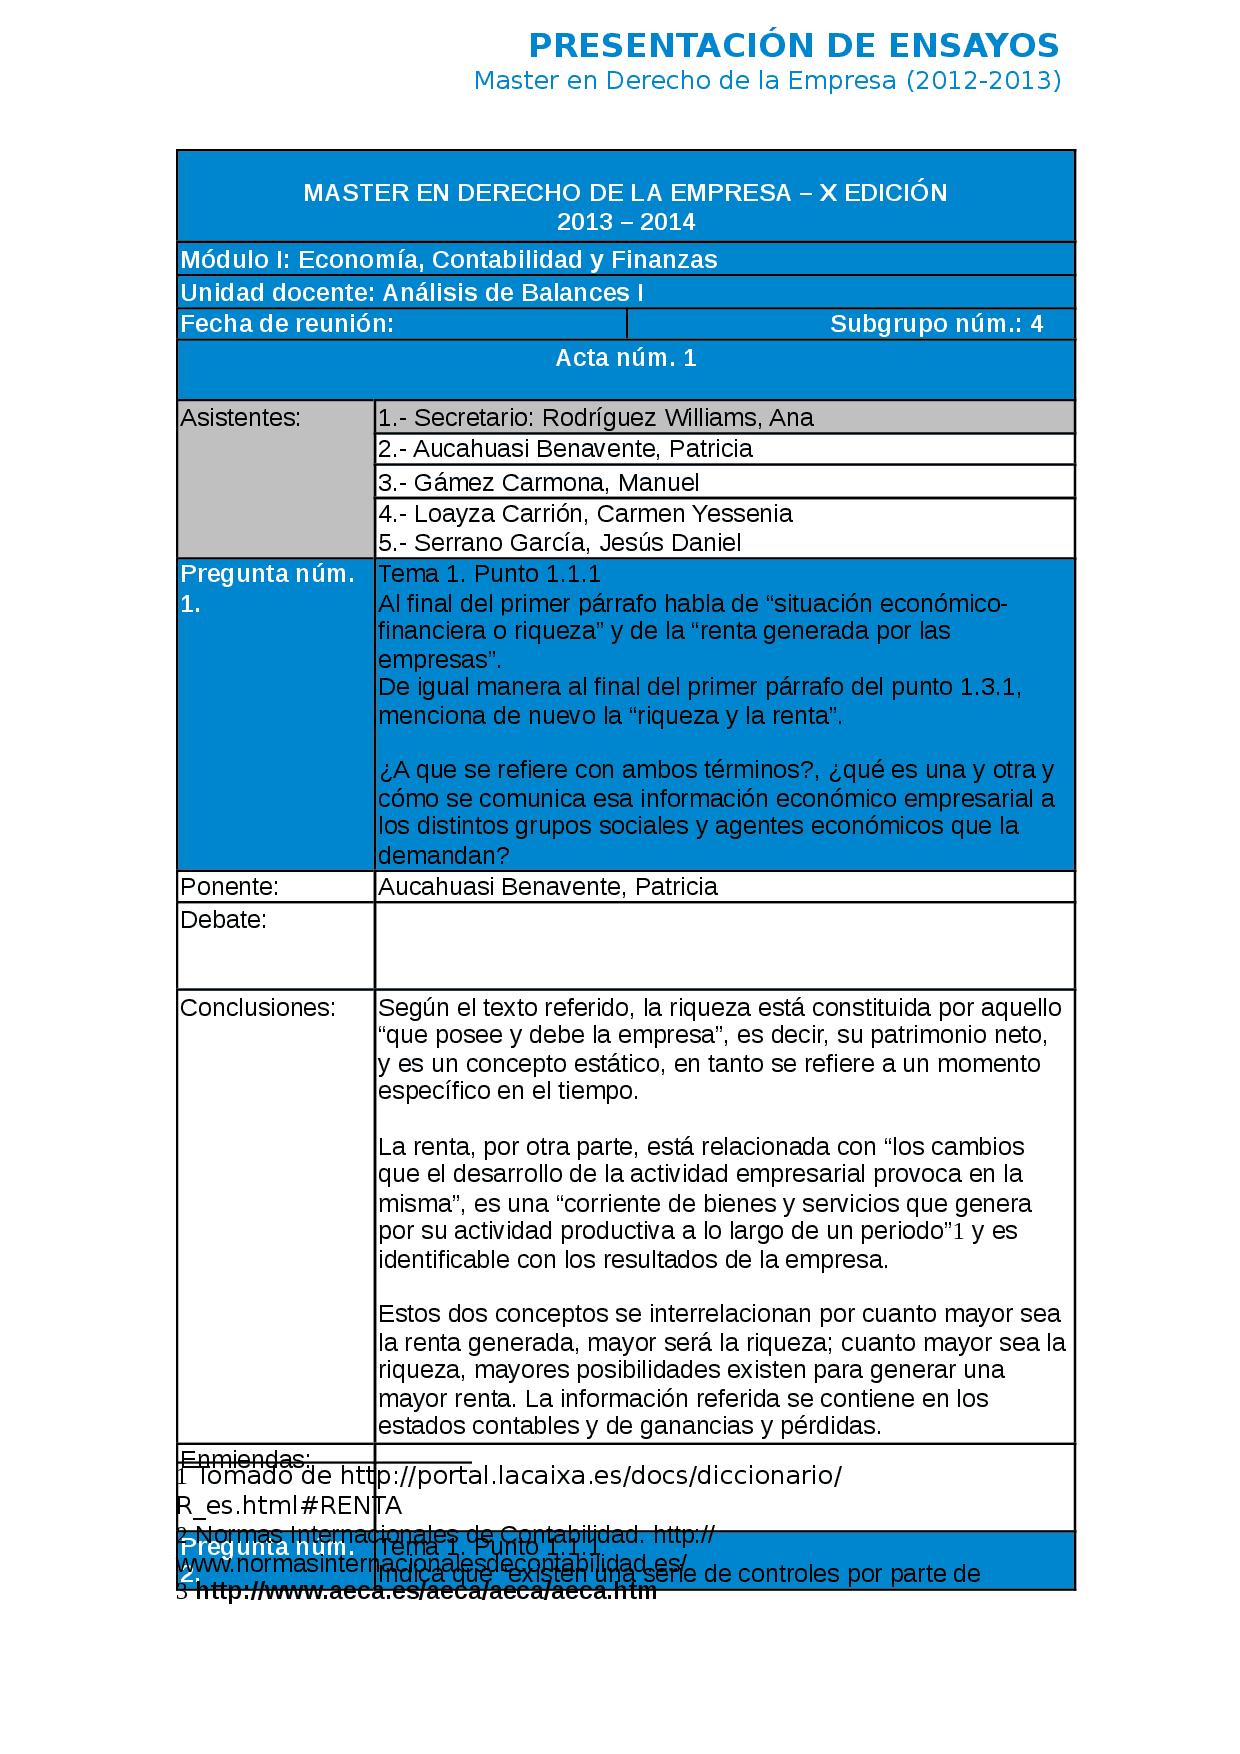 La nueva norma de la GASB se refiere a las unidades de componentes